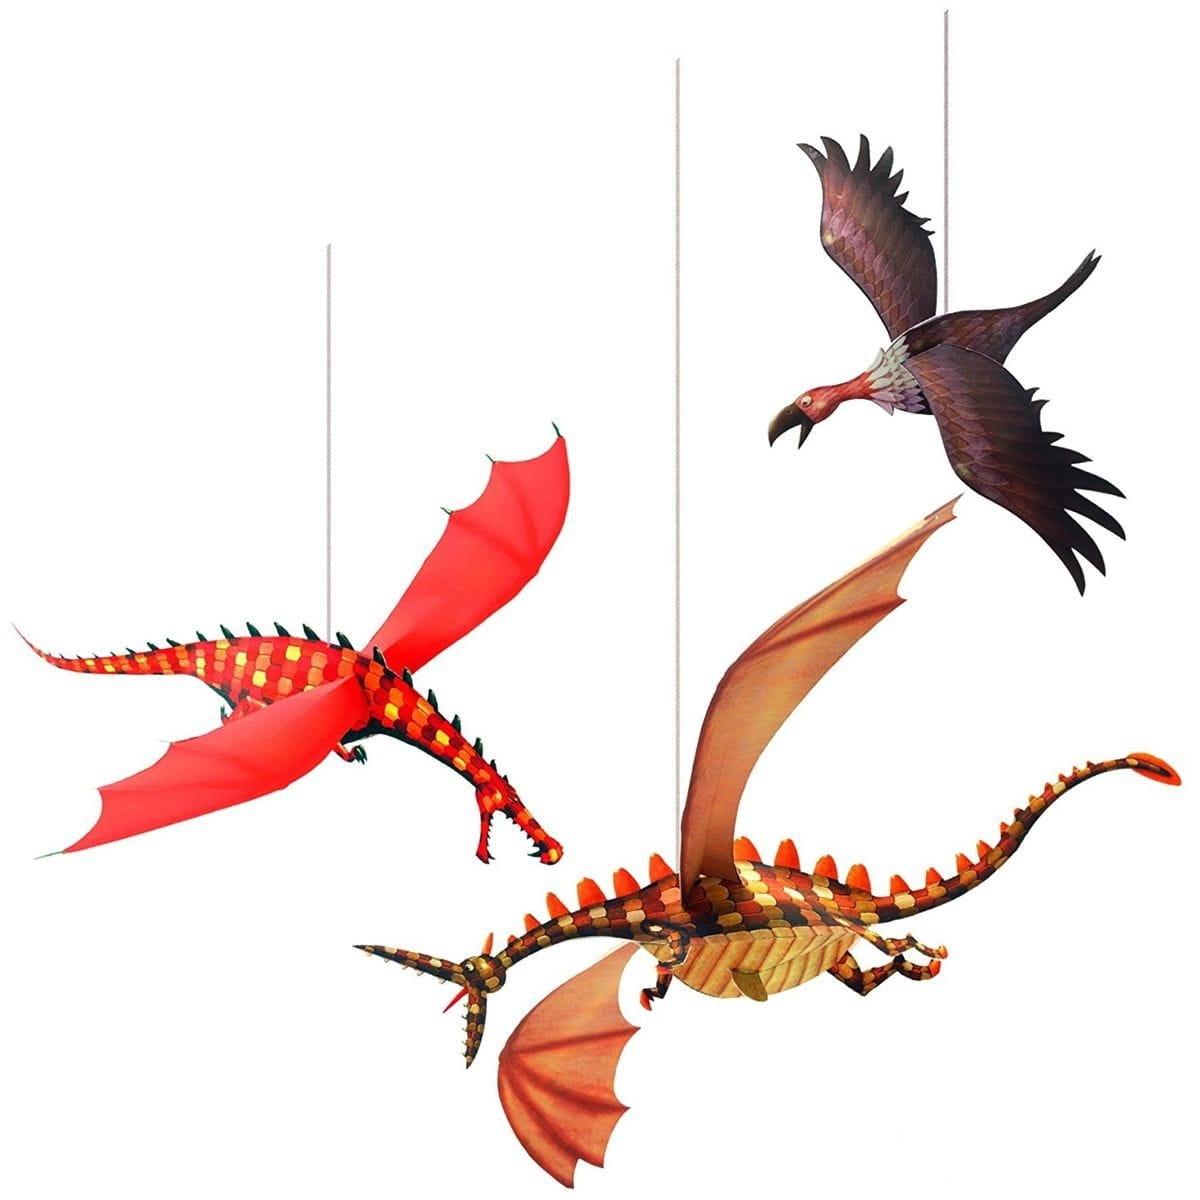 Мобиль Djeco Драконы - Подвесные игрушки и мобили